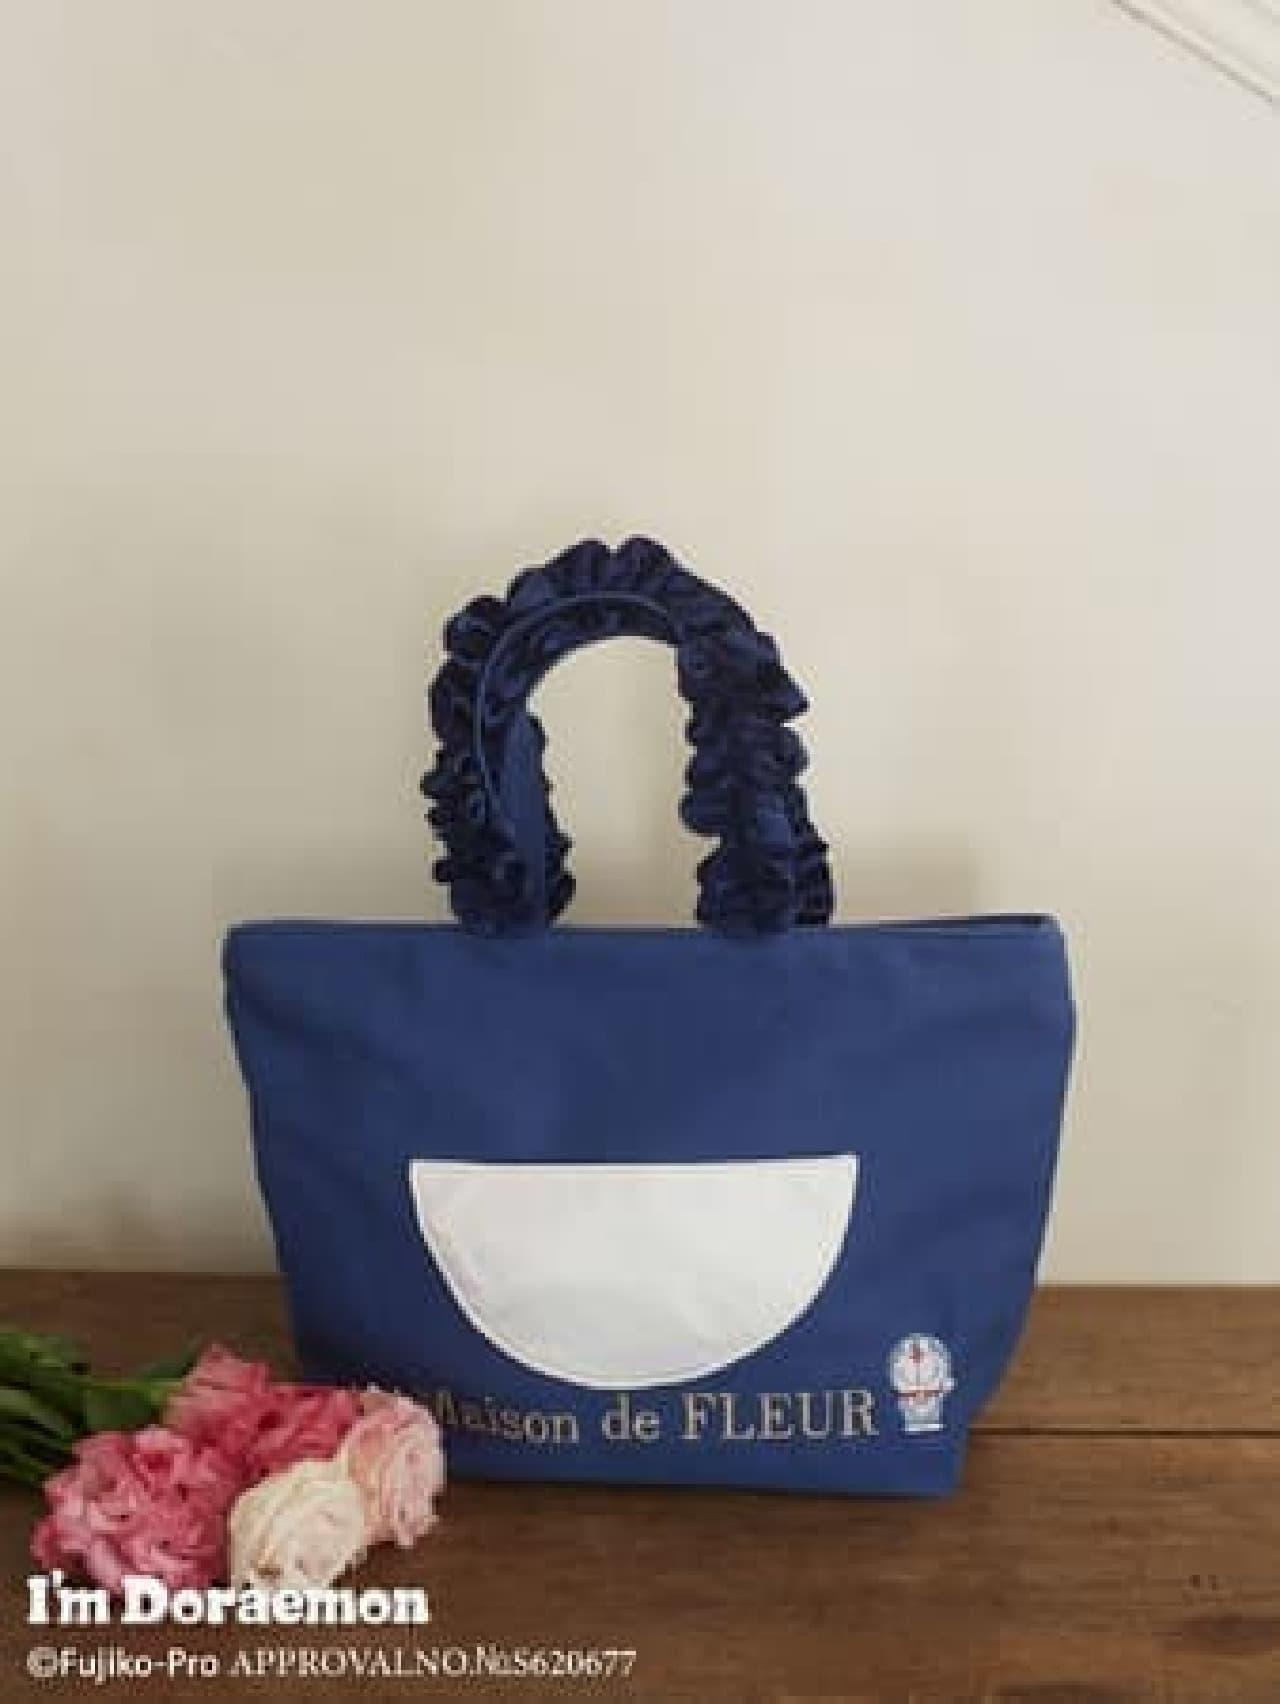 Maison de FLEUR×サンリオデザイン「アイムドラえもん」コレクション -- ポップで可愛いトートバッグなど